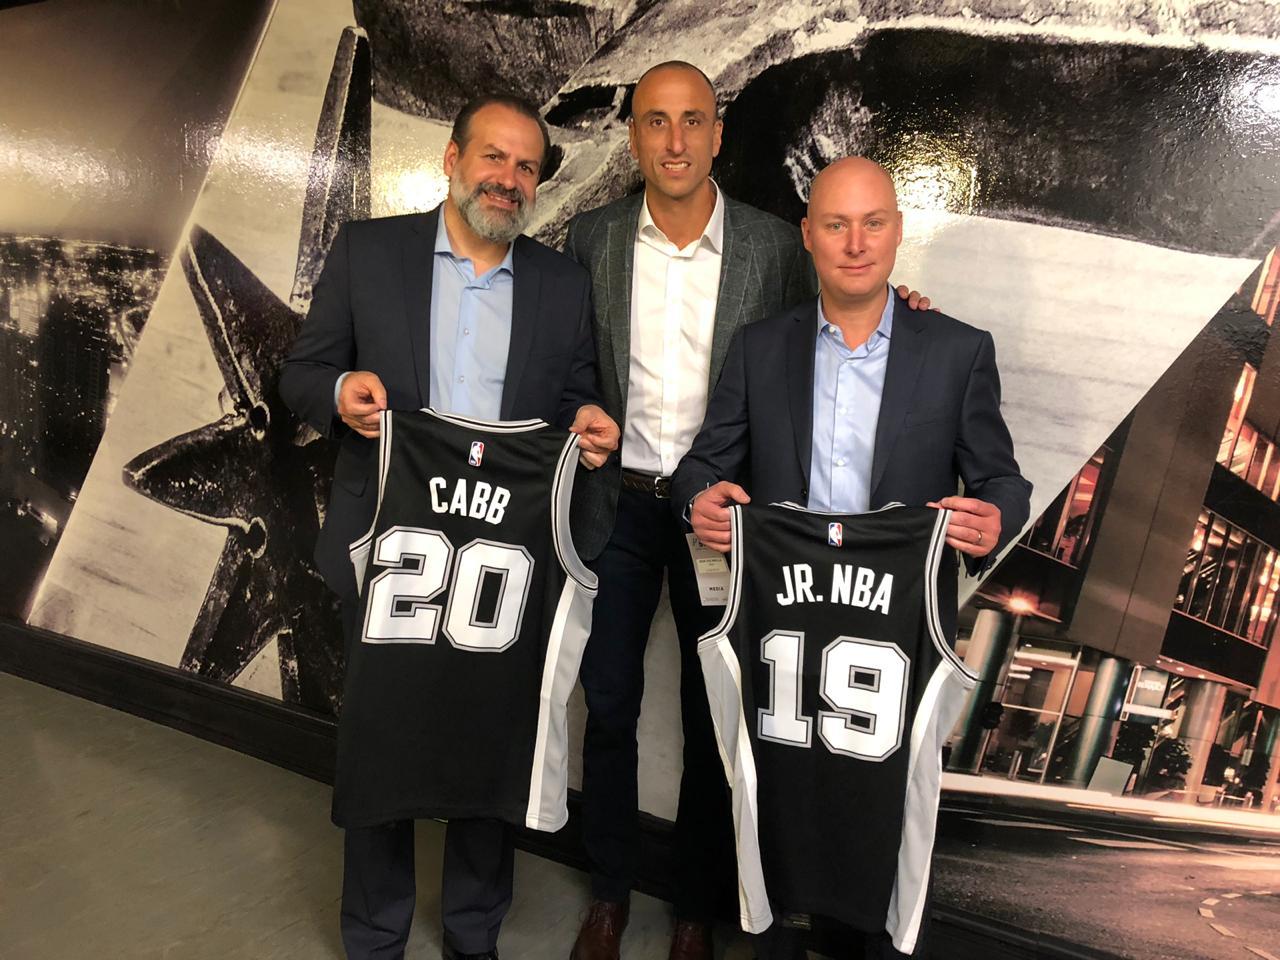 El Jr. NBA está nuevamente entre nosotros, se viene la edición 2019